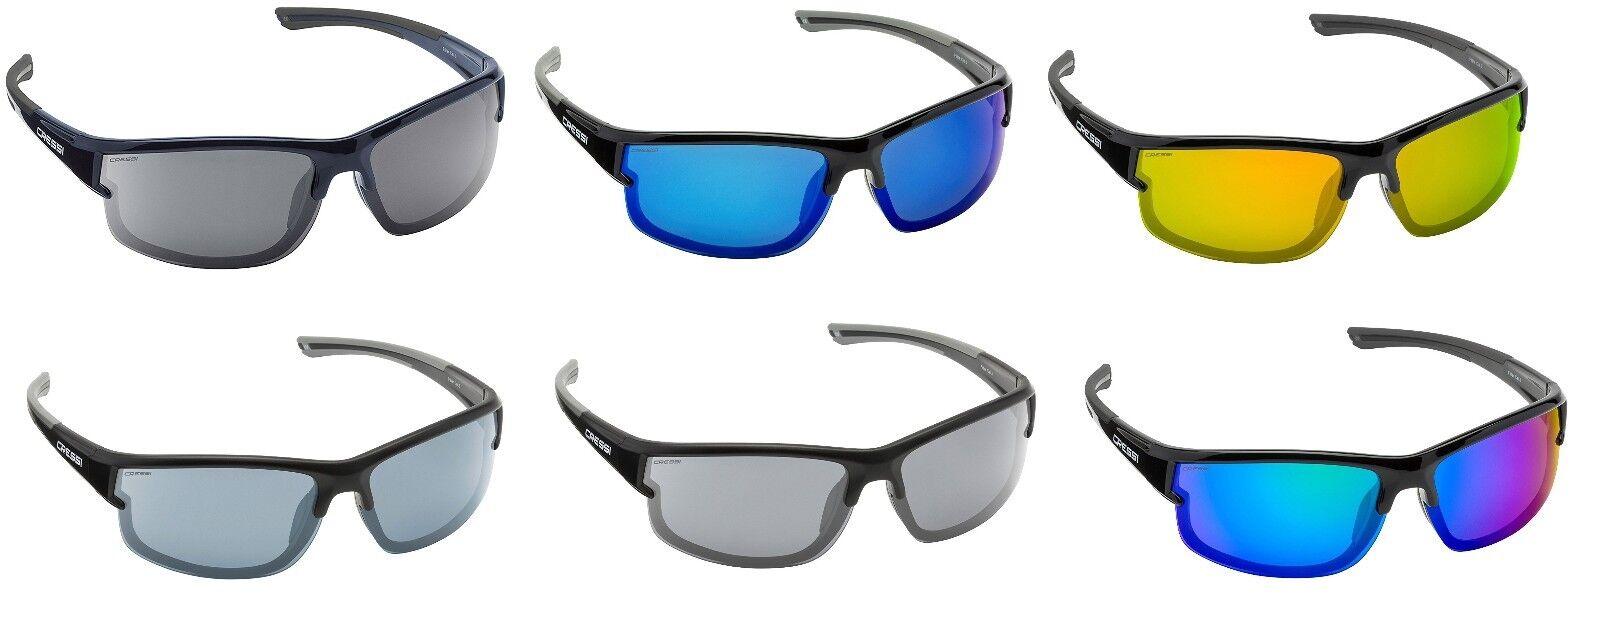 Polarizzato Blu Da Cressi Phantom Sole Occhiale Nerolente Uomo wnqpXTfc0